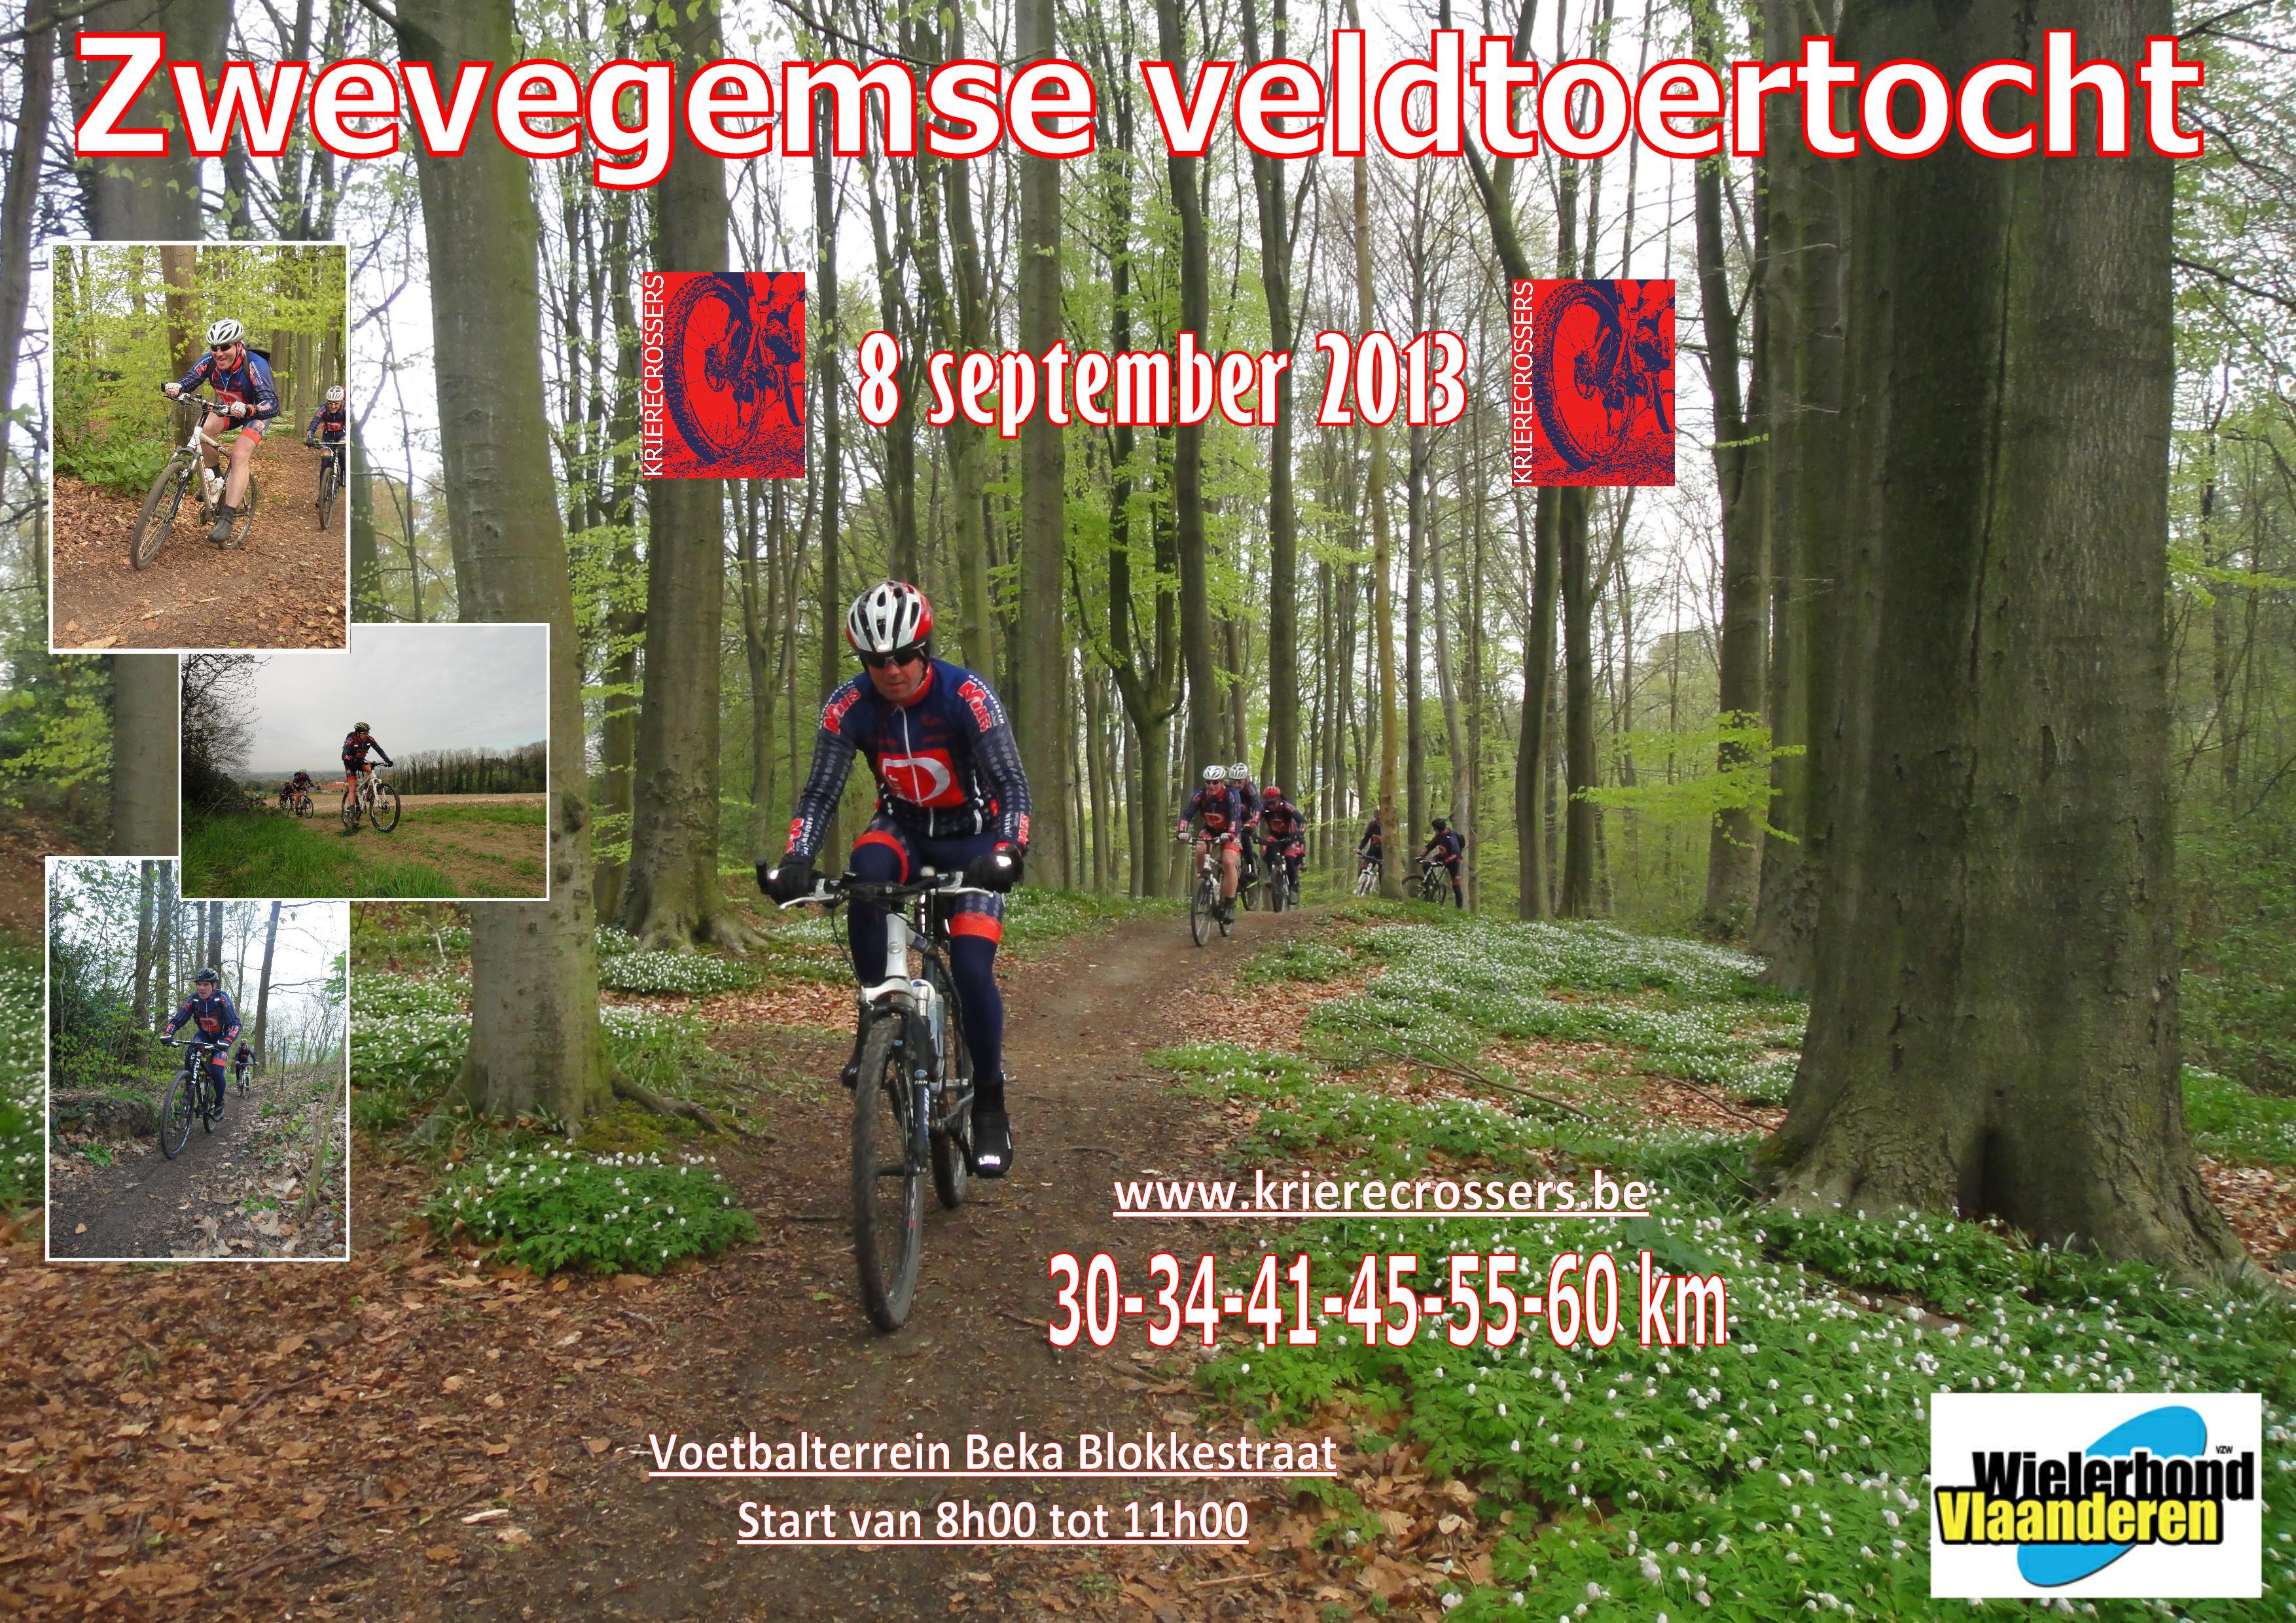 http://www.krierecrossers.be/wp-content/uploads/2012/09/Flyer-voor-zwevegem.jpg